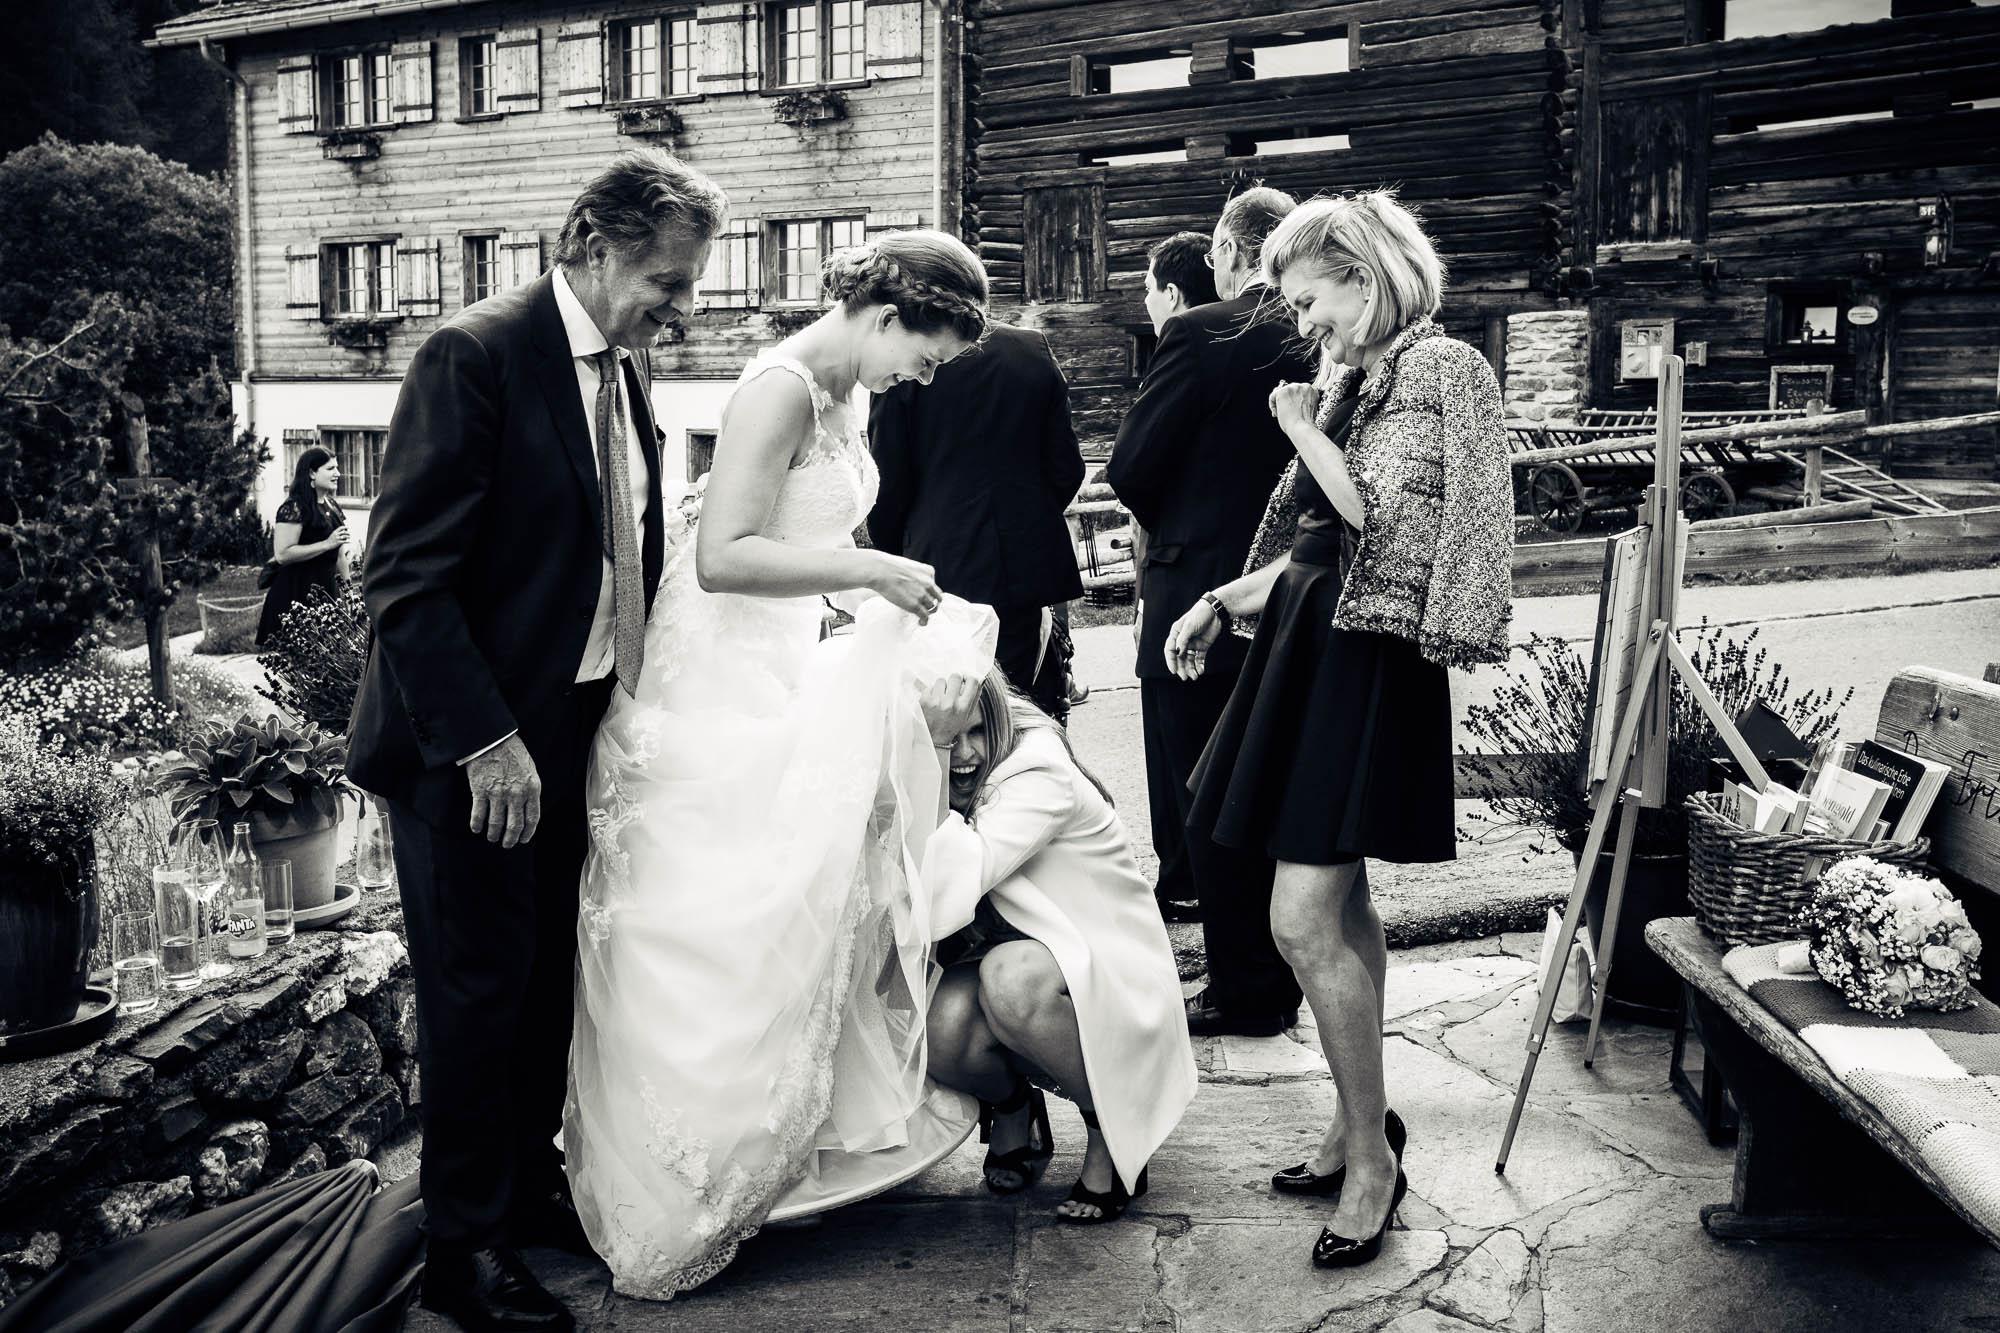 Gast versteckt sich unter Brautkleid